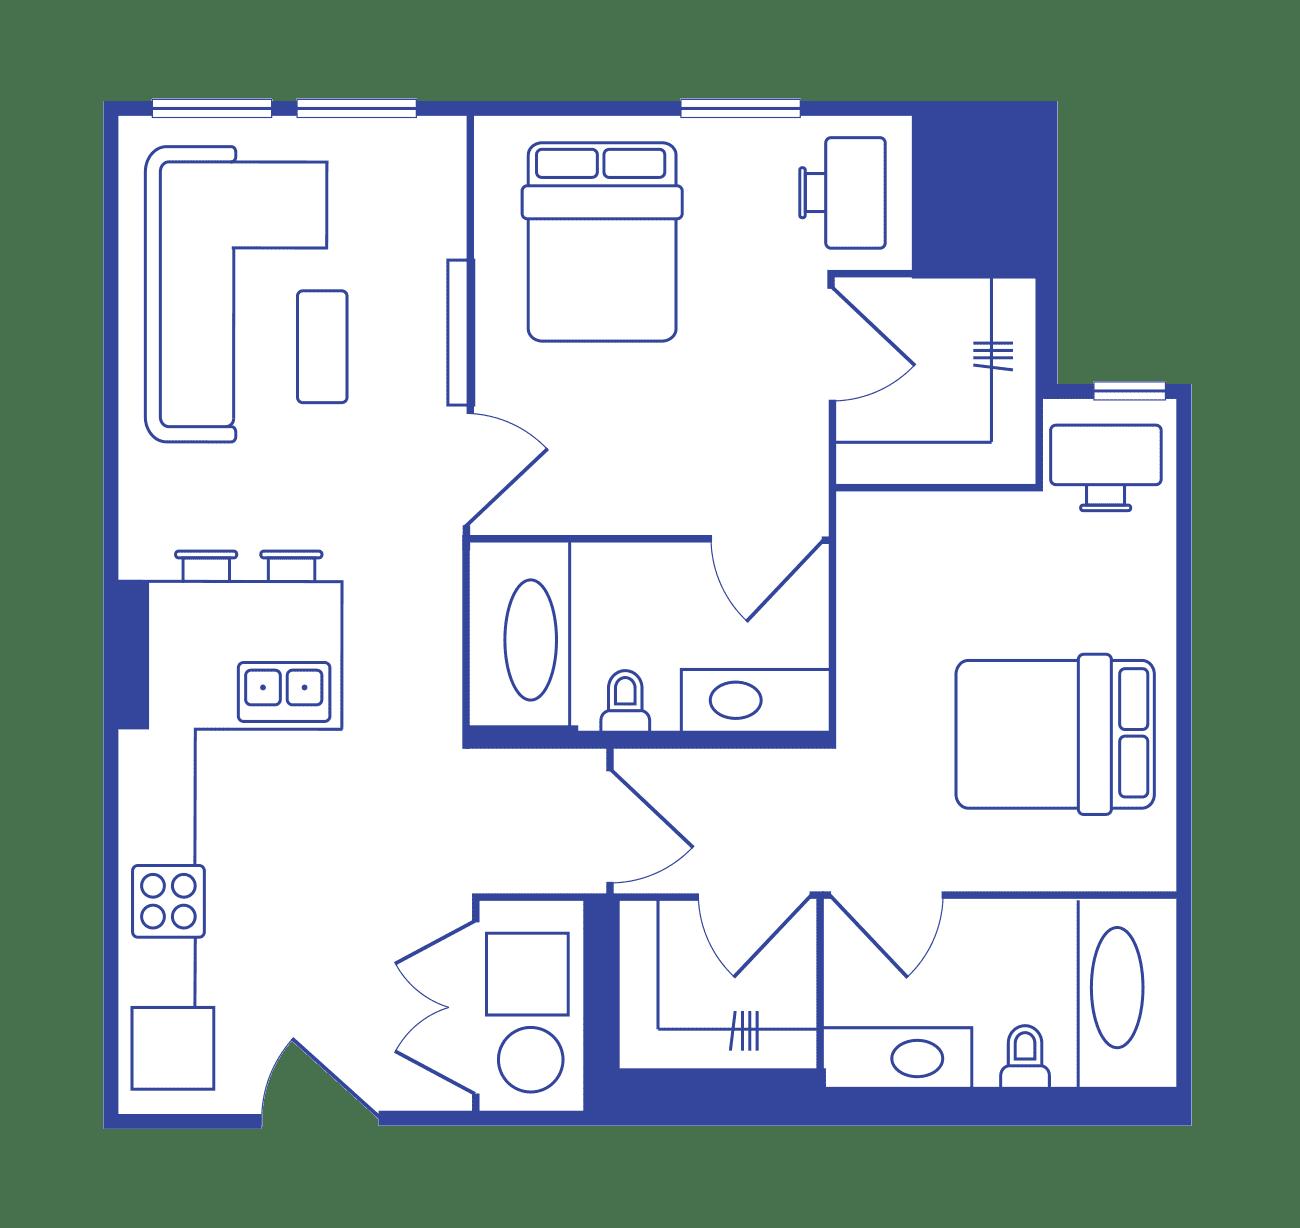 2 Bedroom - 2 Bath Student Apartments